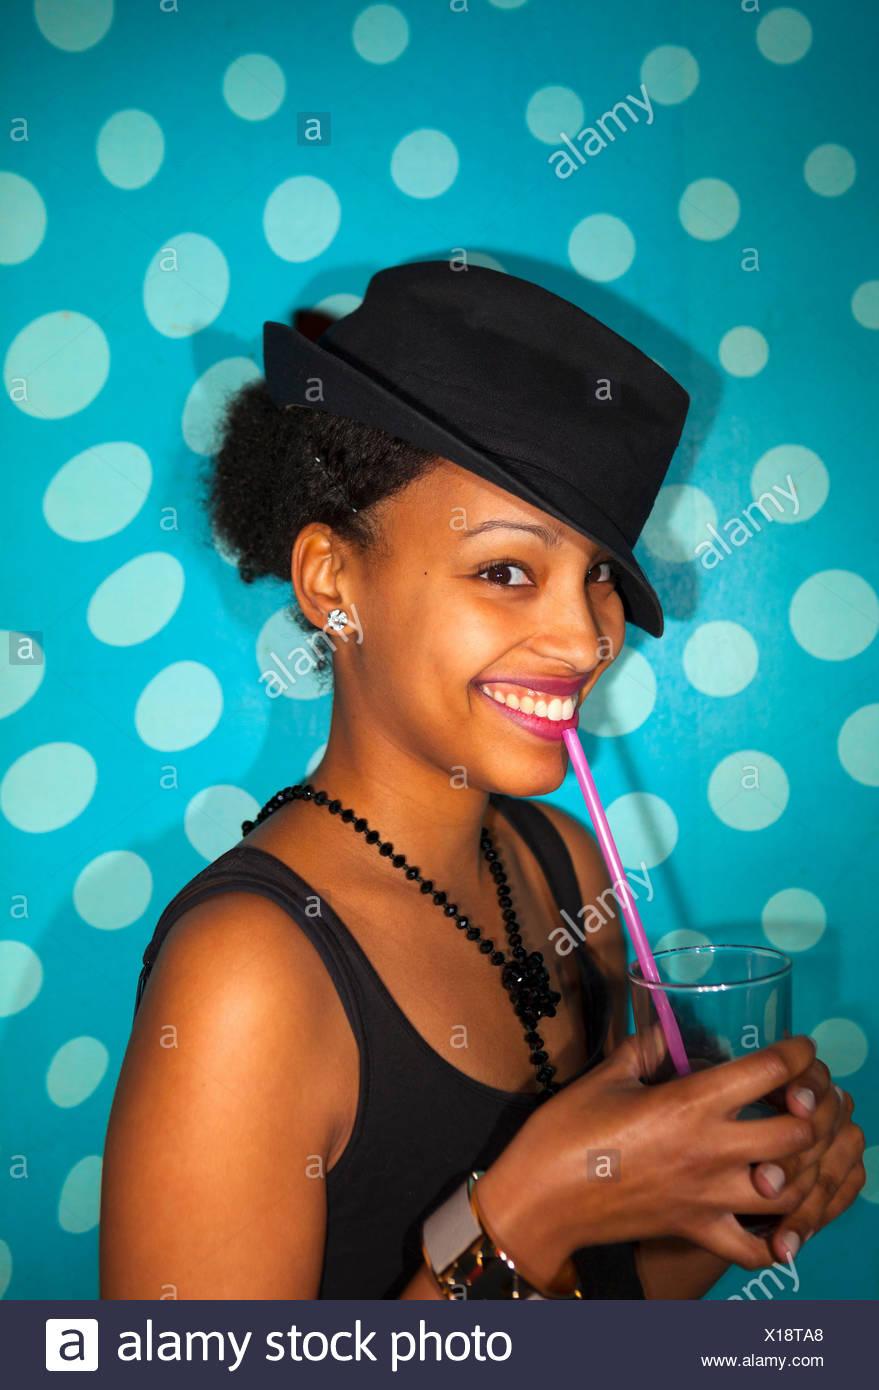 Retrato de joven mujer adulta con la etnia de raza mixta y sonriente sosteniendo el vaso para beber con paja Imagen De Stock